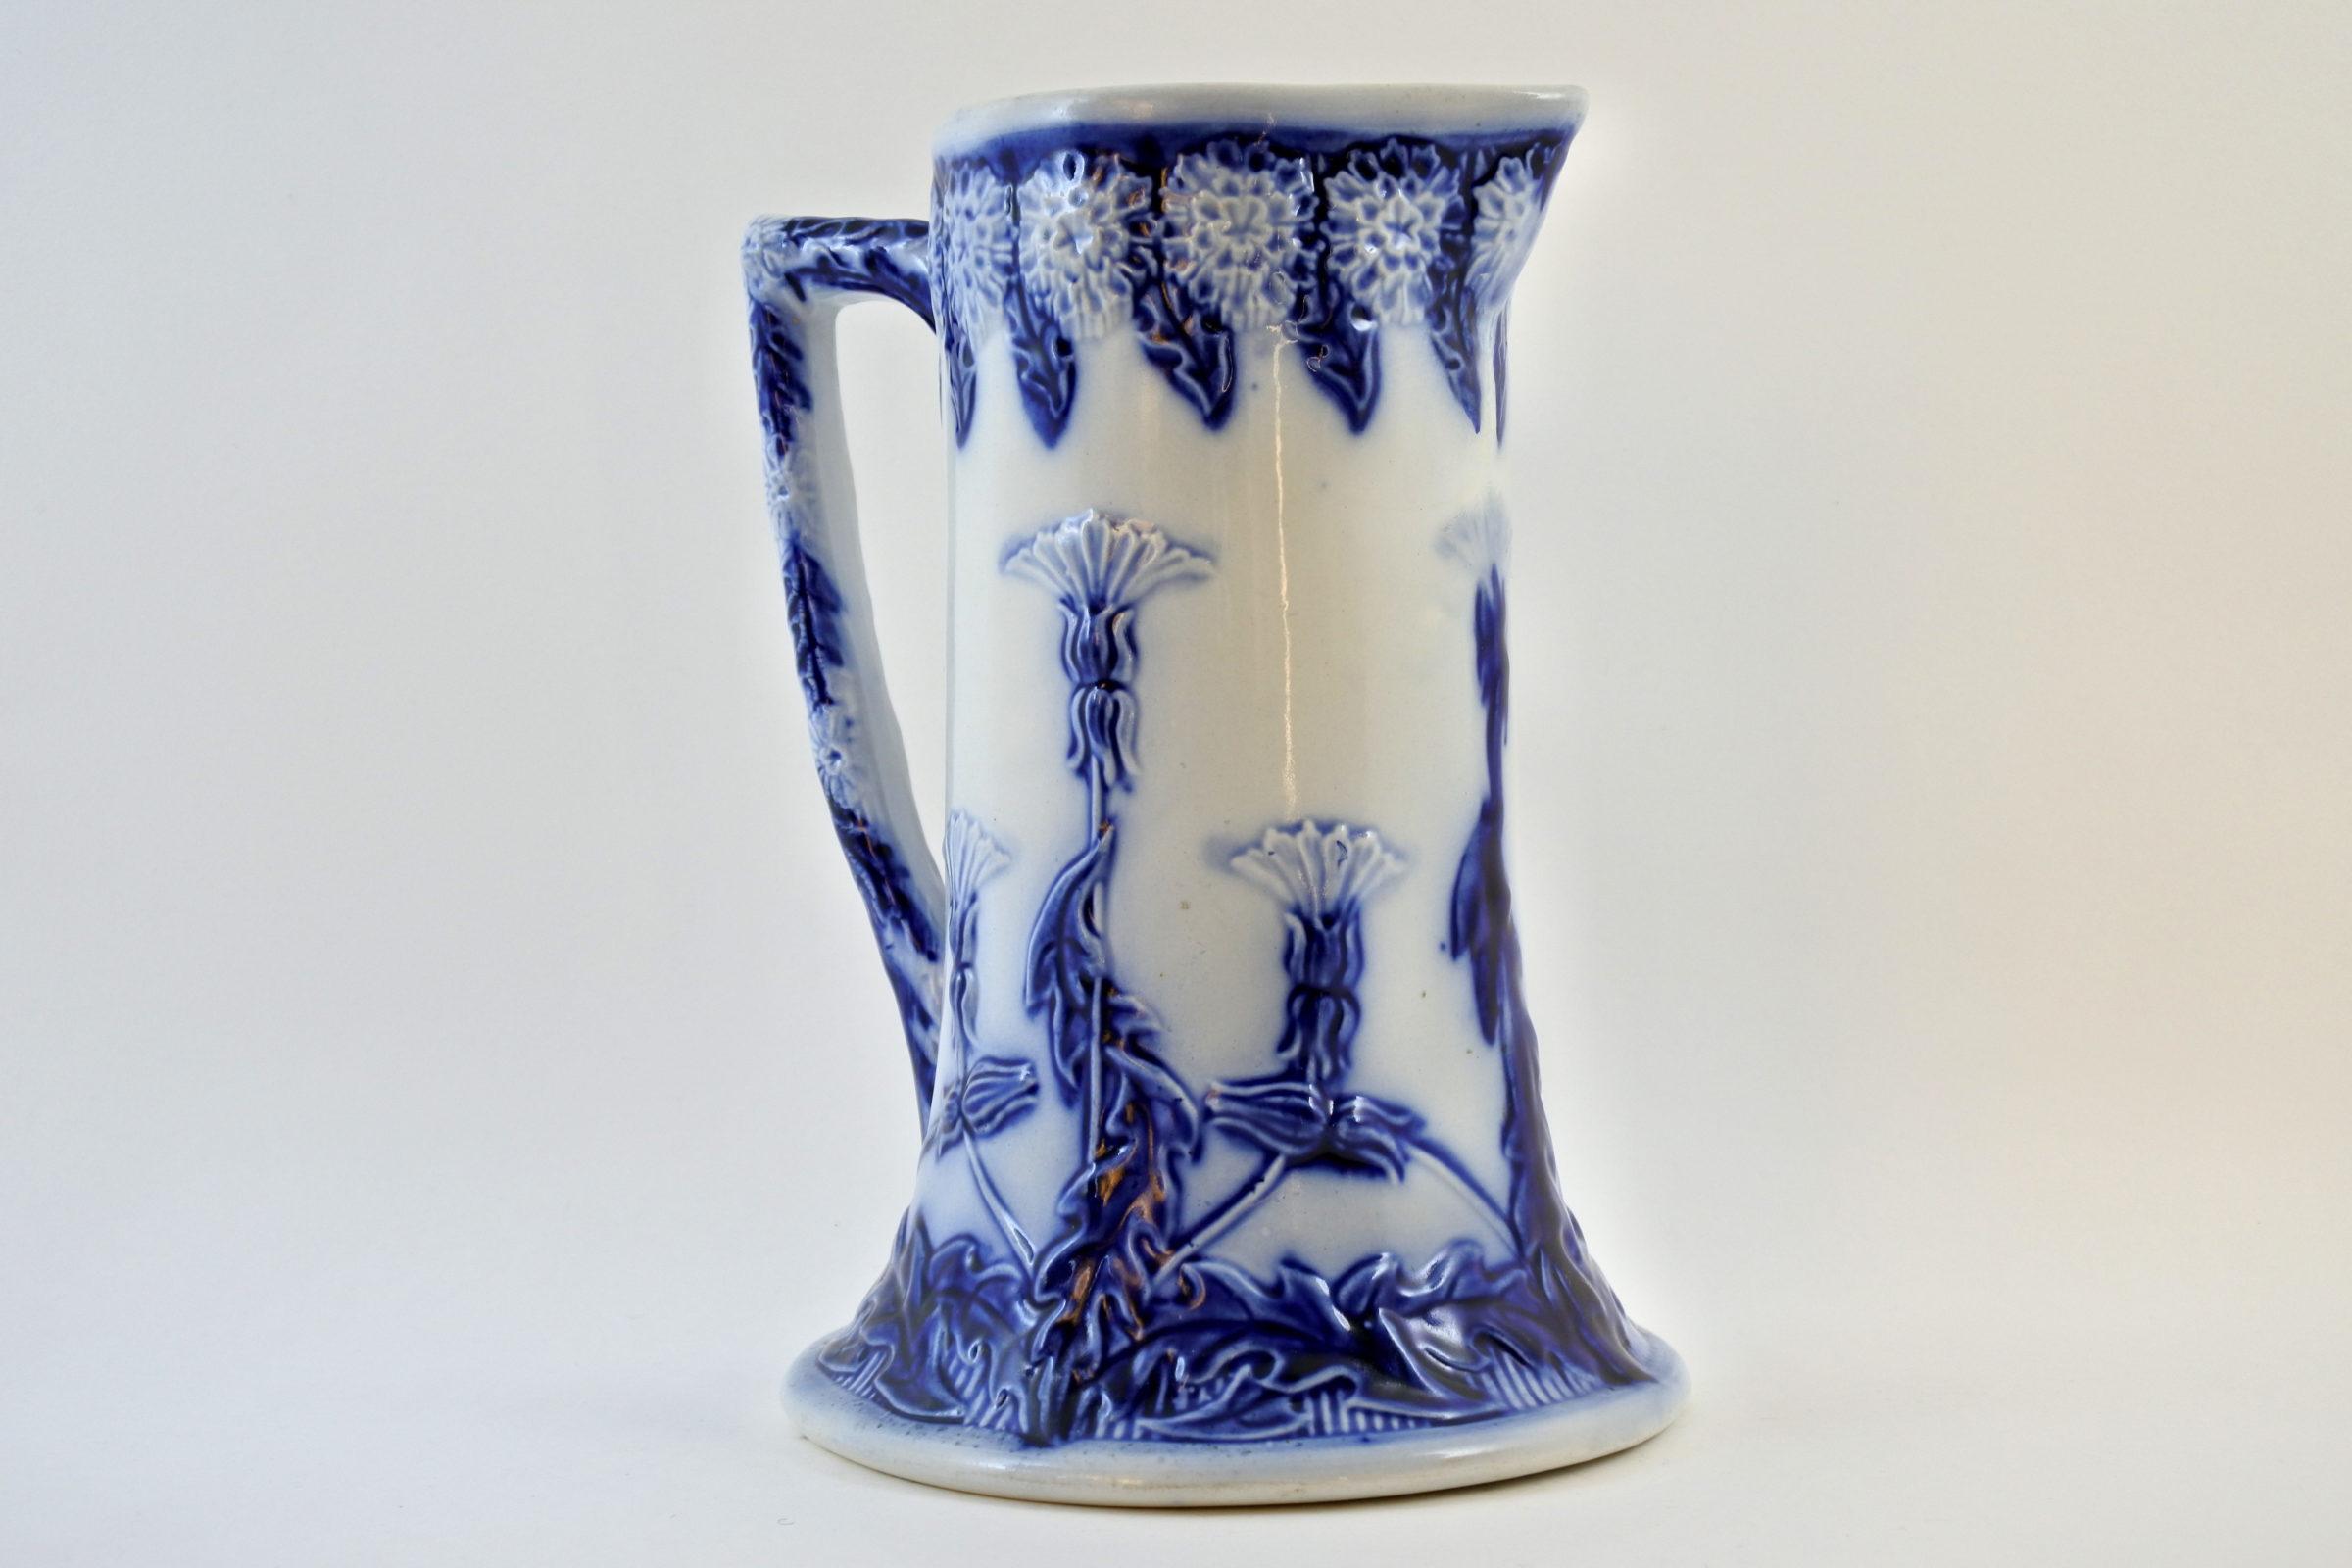 Brocca in ceramica barbotine con cardi monocromatici - Chardons - 3